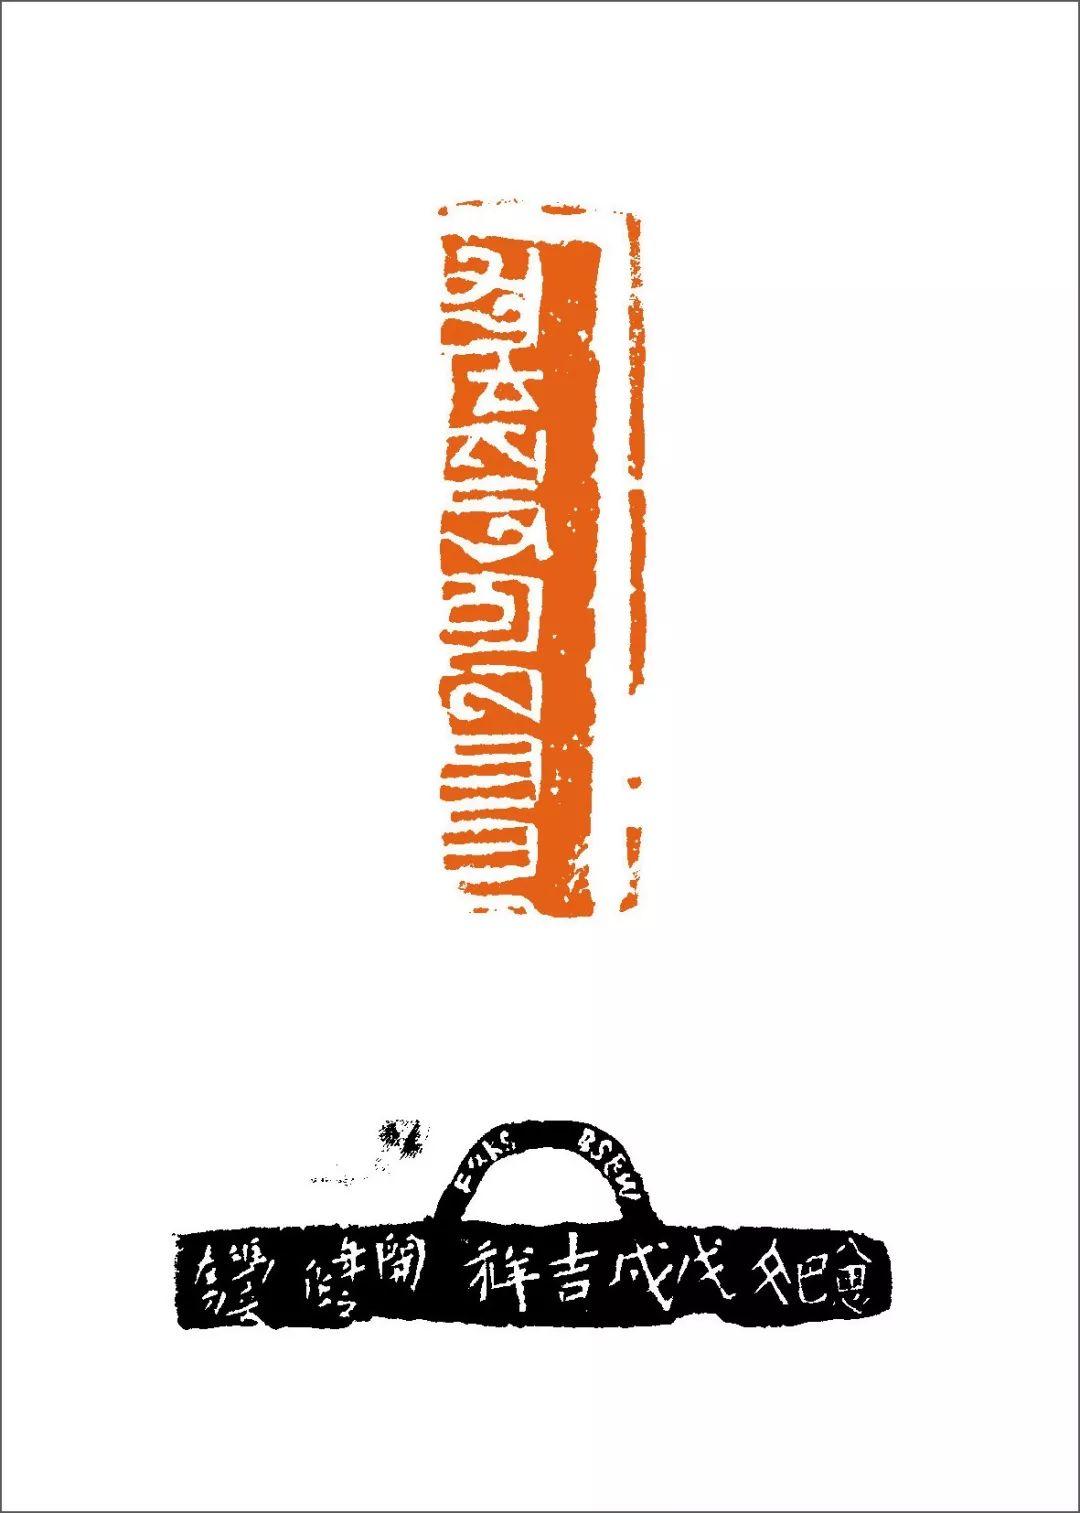 篆刻丛谈:八思巴文篆刻原石赏析 第40张